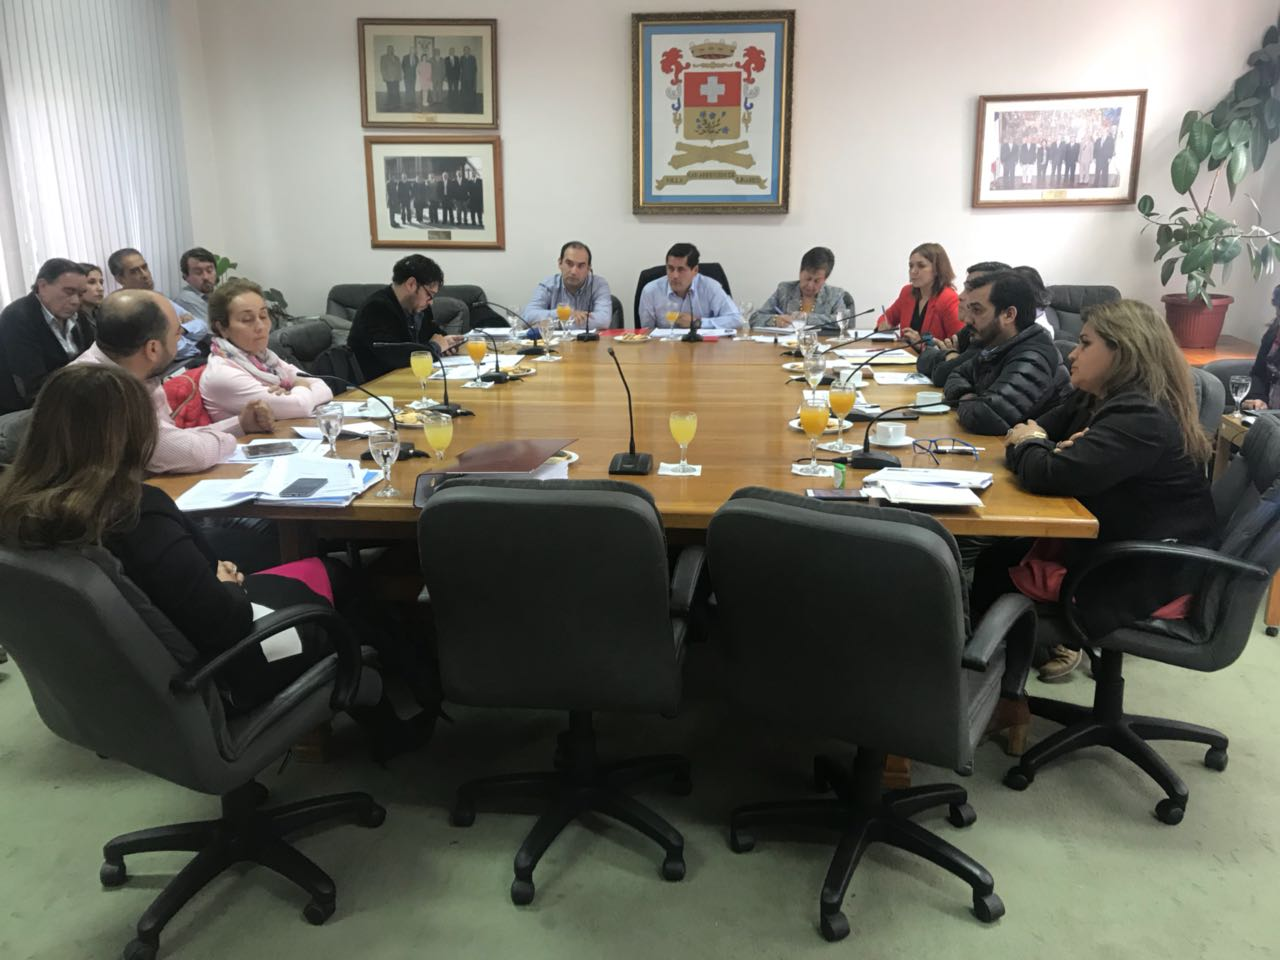 LINARES; Concejo Municipal Aprueba Proyecto de Luminarias Led para la Comuna